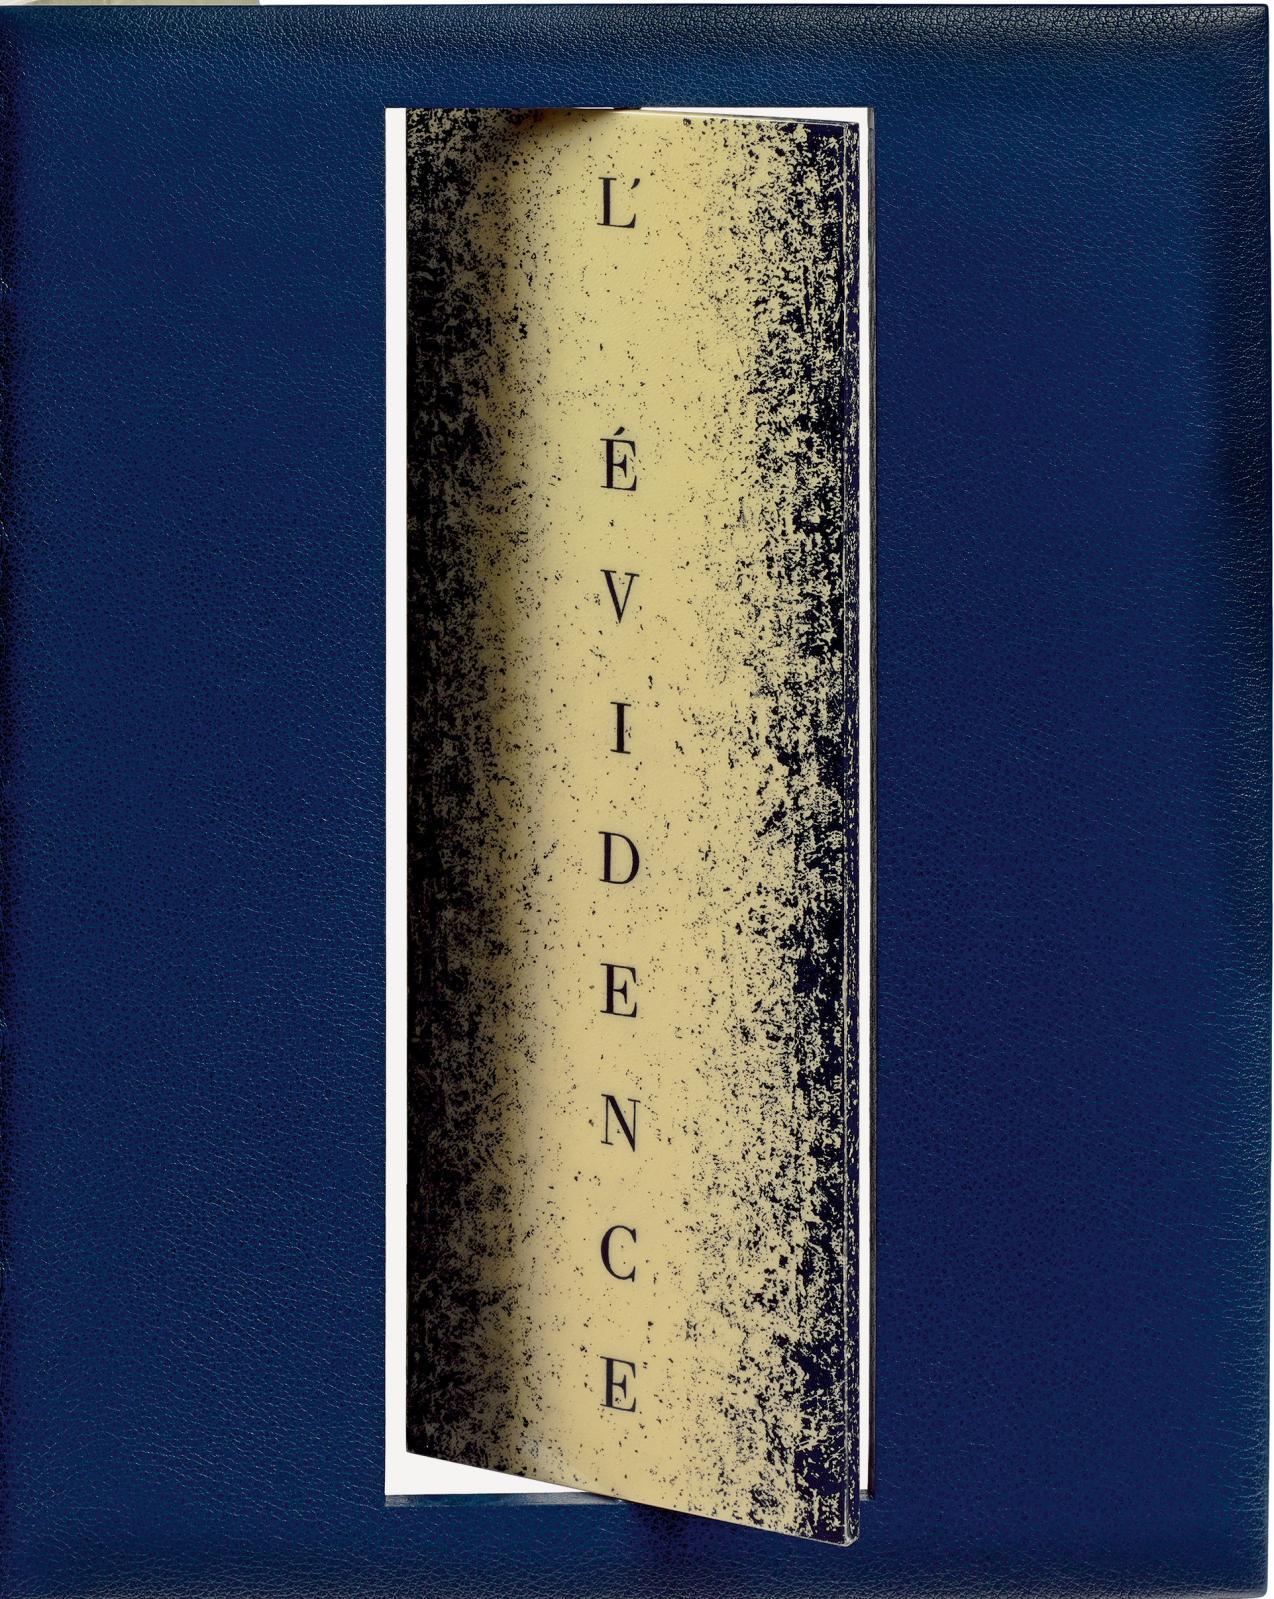 Yves Peyré (né en 1952) et Zao Wou-ki (1920-2013), L'Évidence de la nuit, Genève, Jacques T. Quentin, 13octobre 1991, in-4° monté sur onglets; reliu